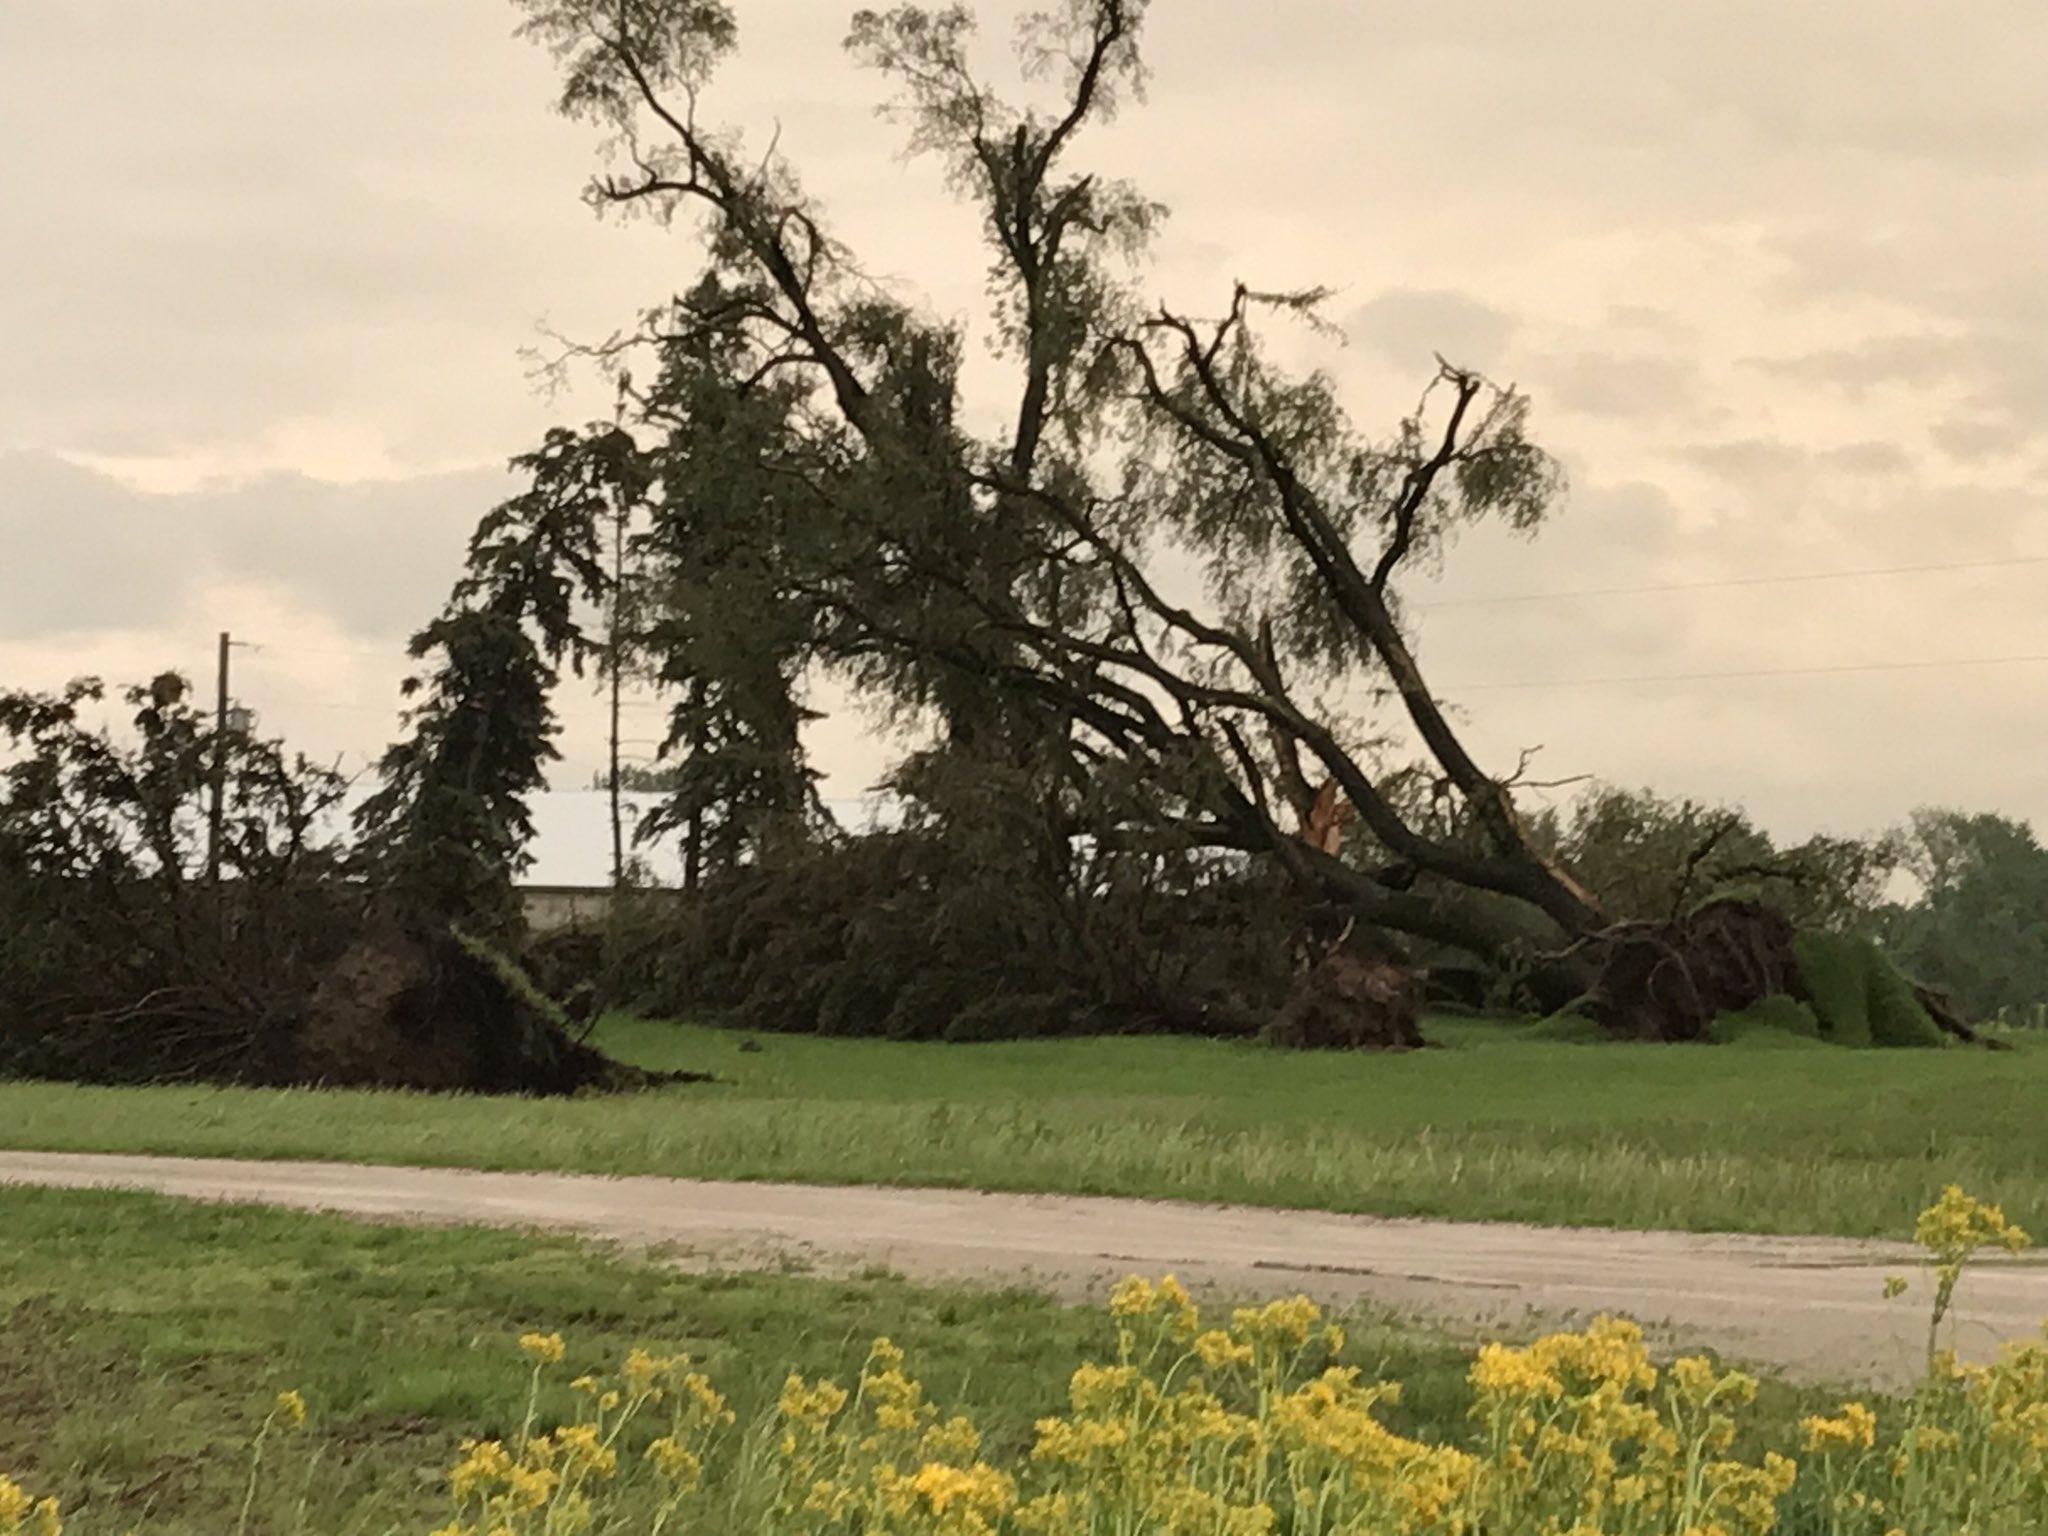 Photos: Strong storms move through Michiana